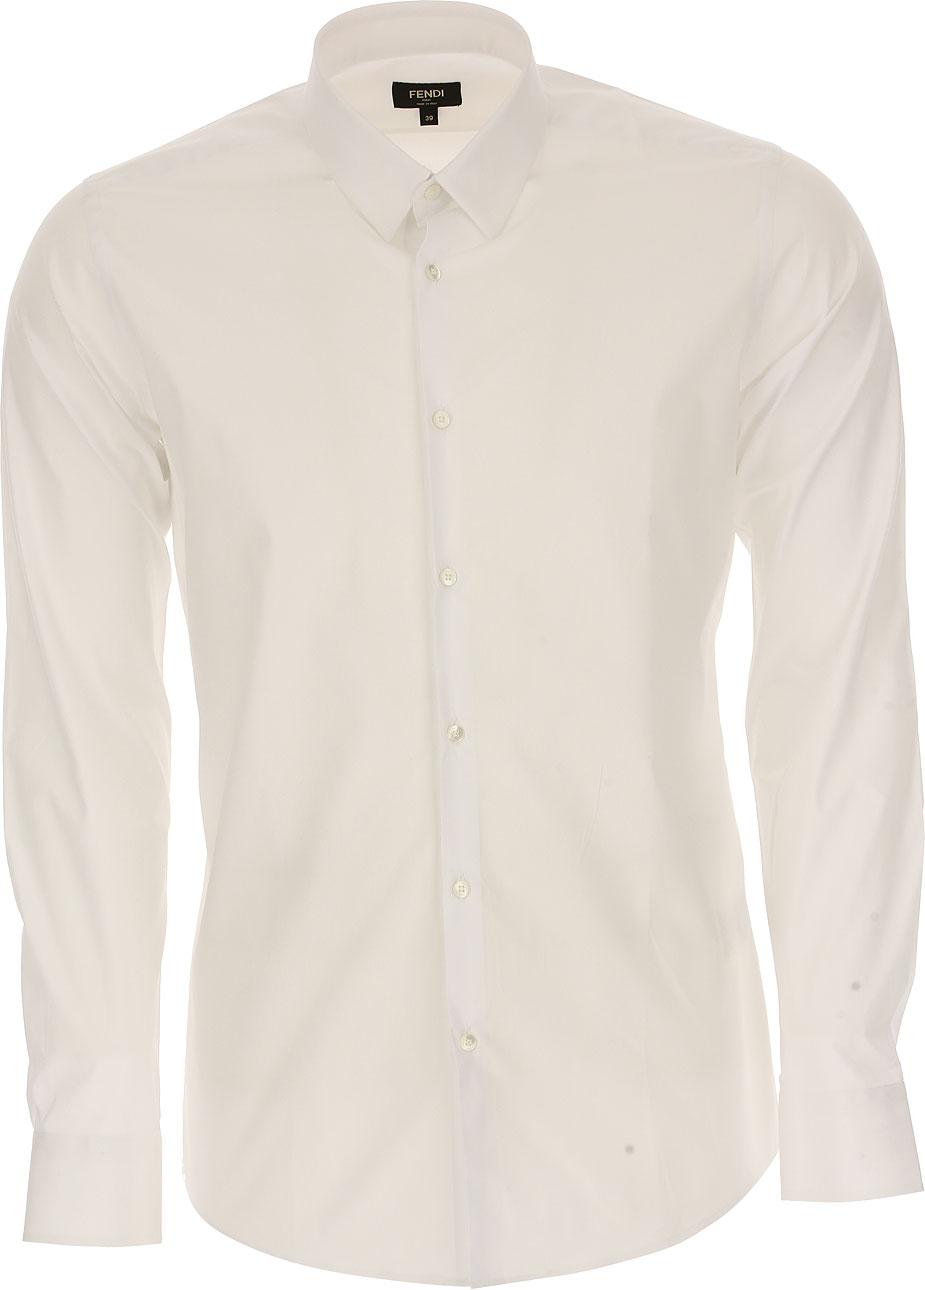 Abbigliamento Uomo Fendi, Codice Articolo: fs0571-96c-f0qa0